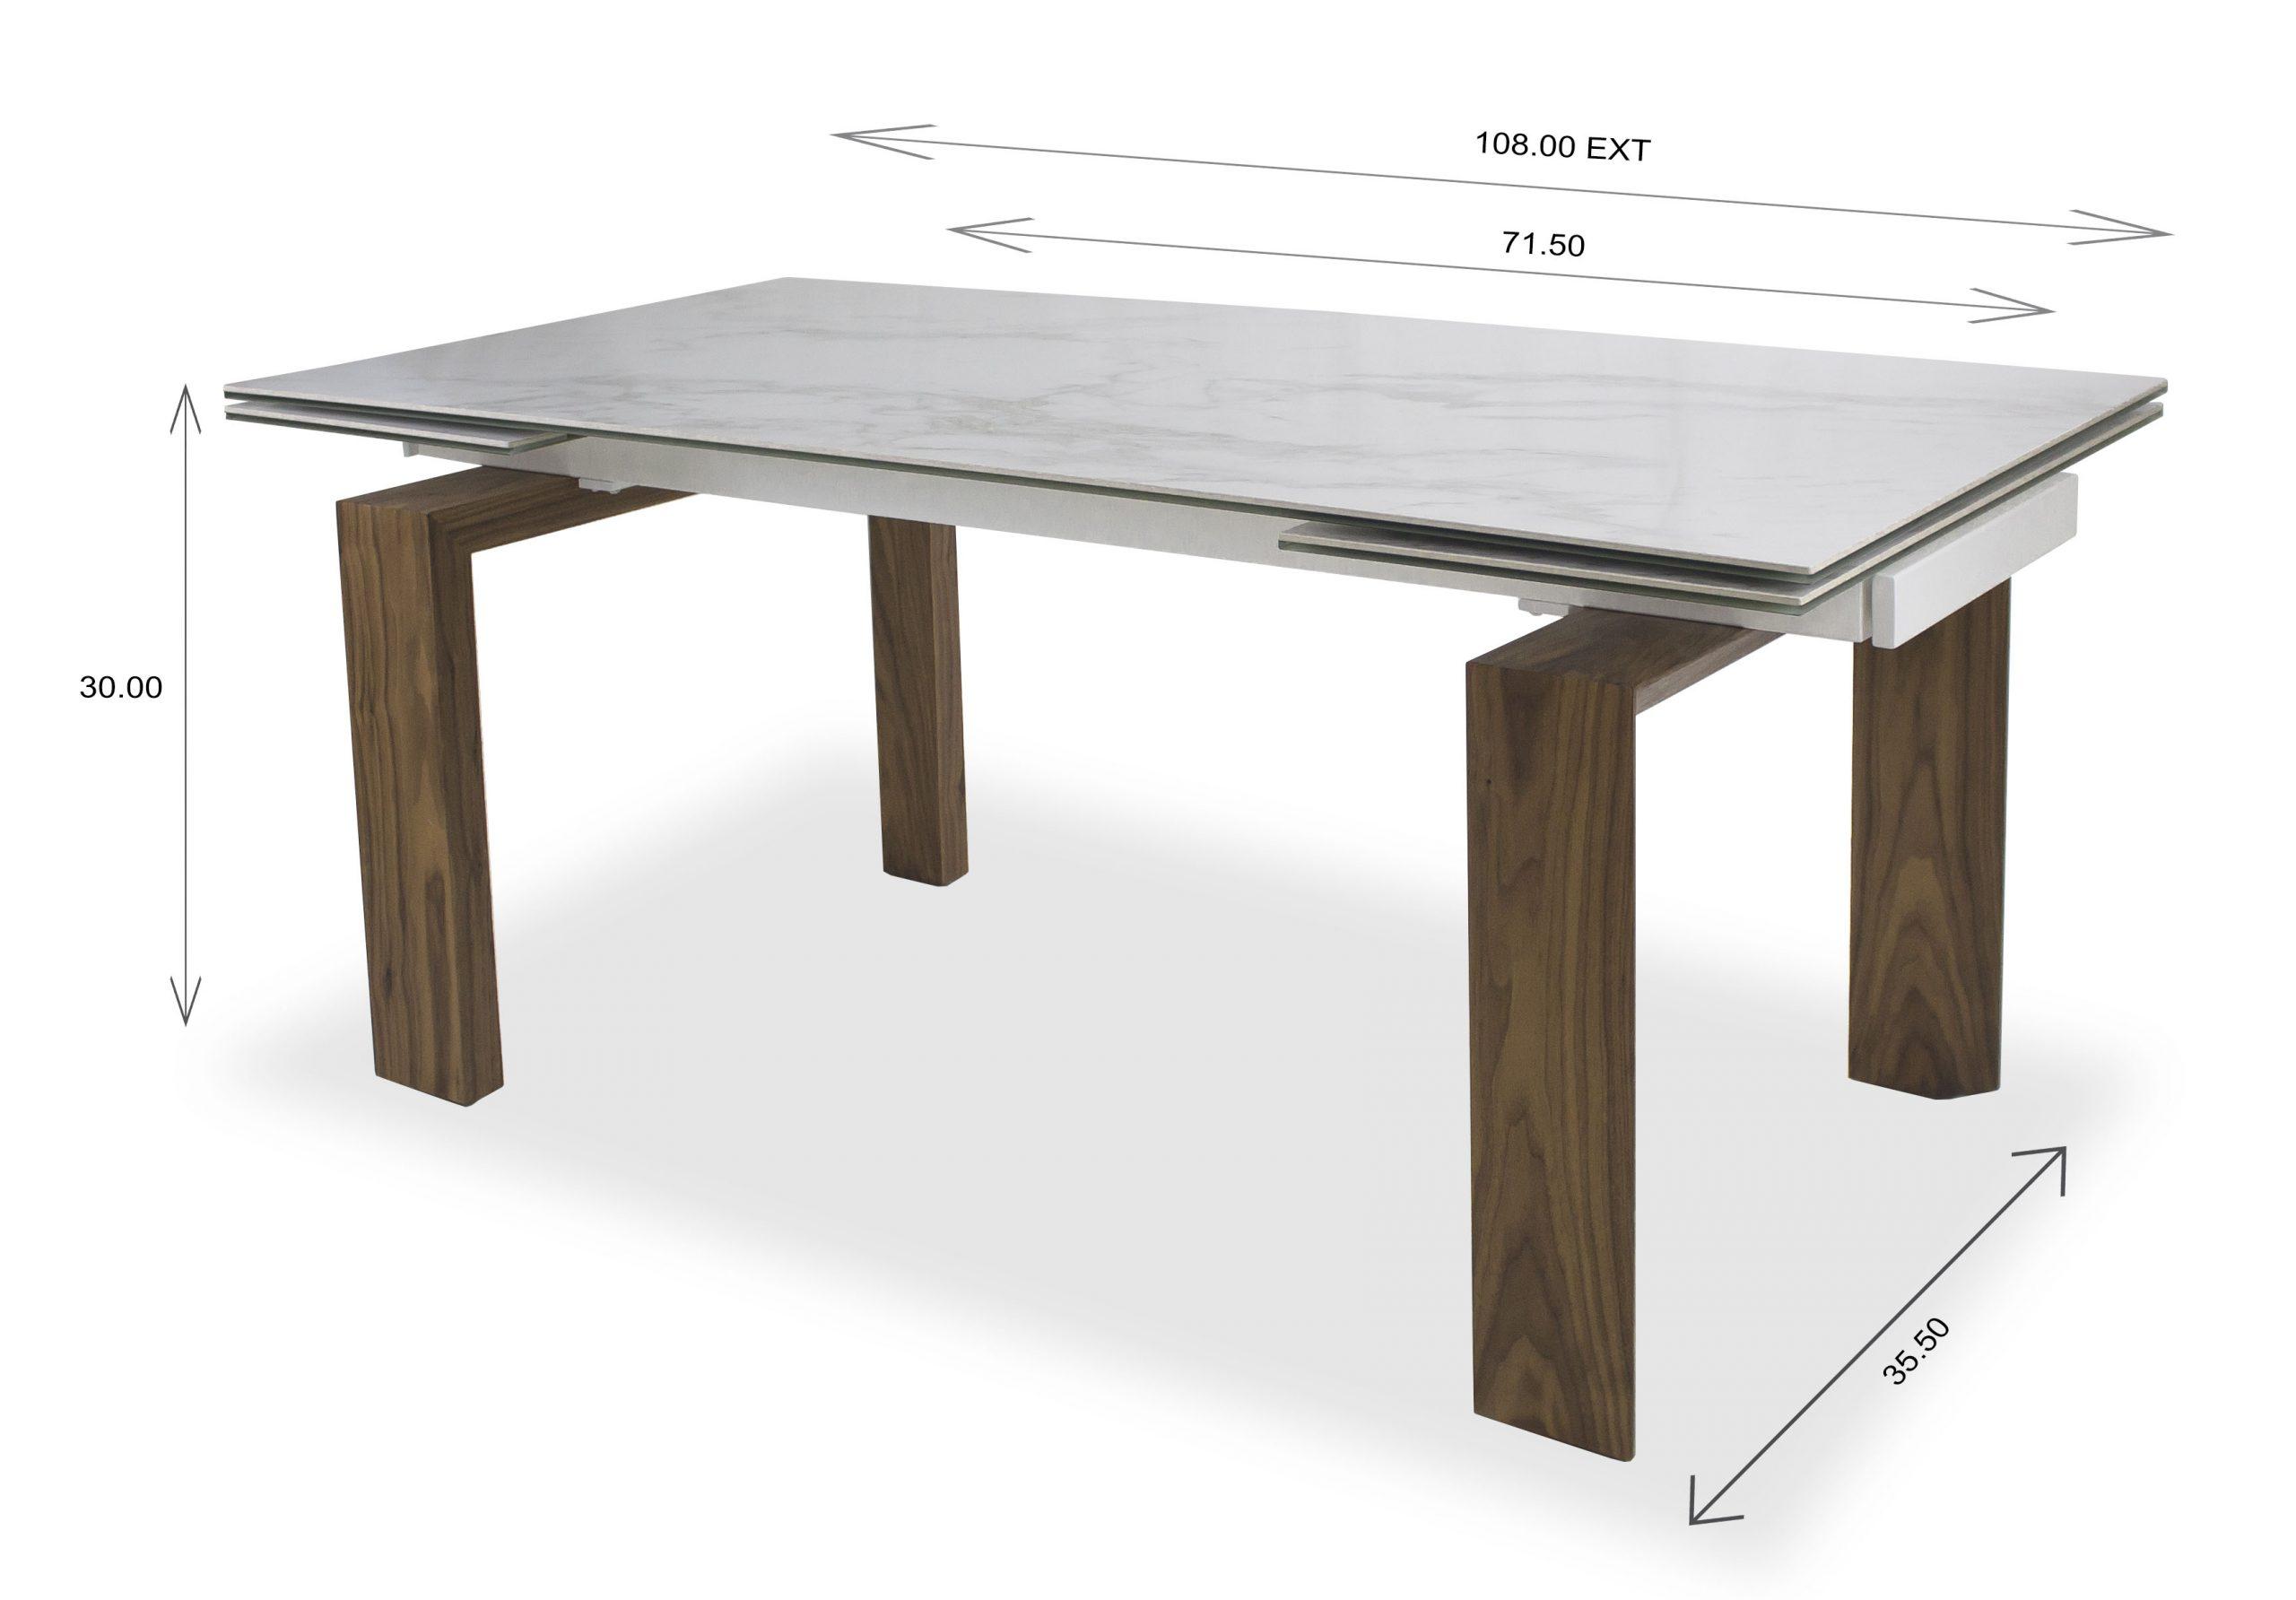 Potrero Dining Table Dimension